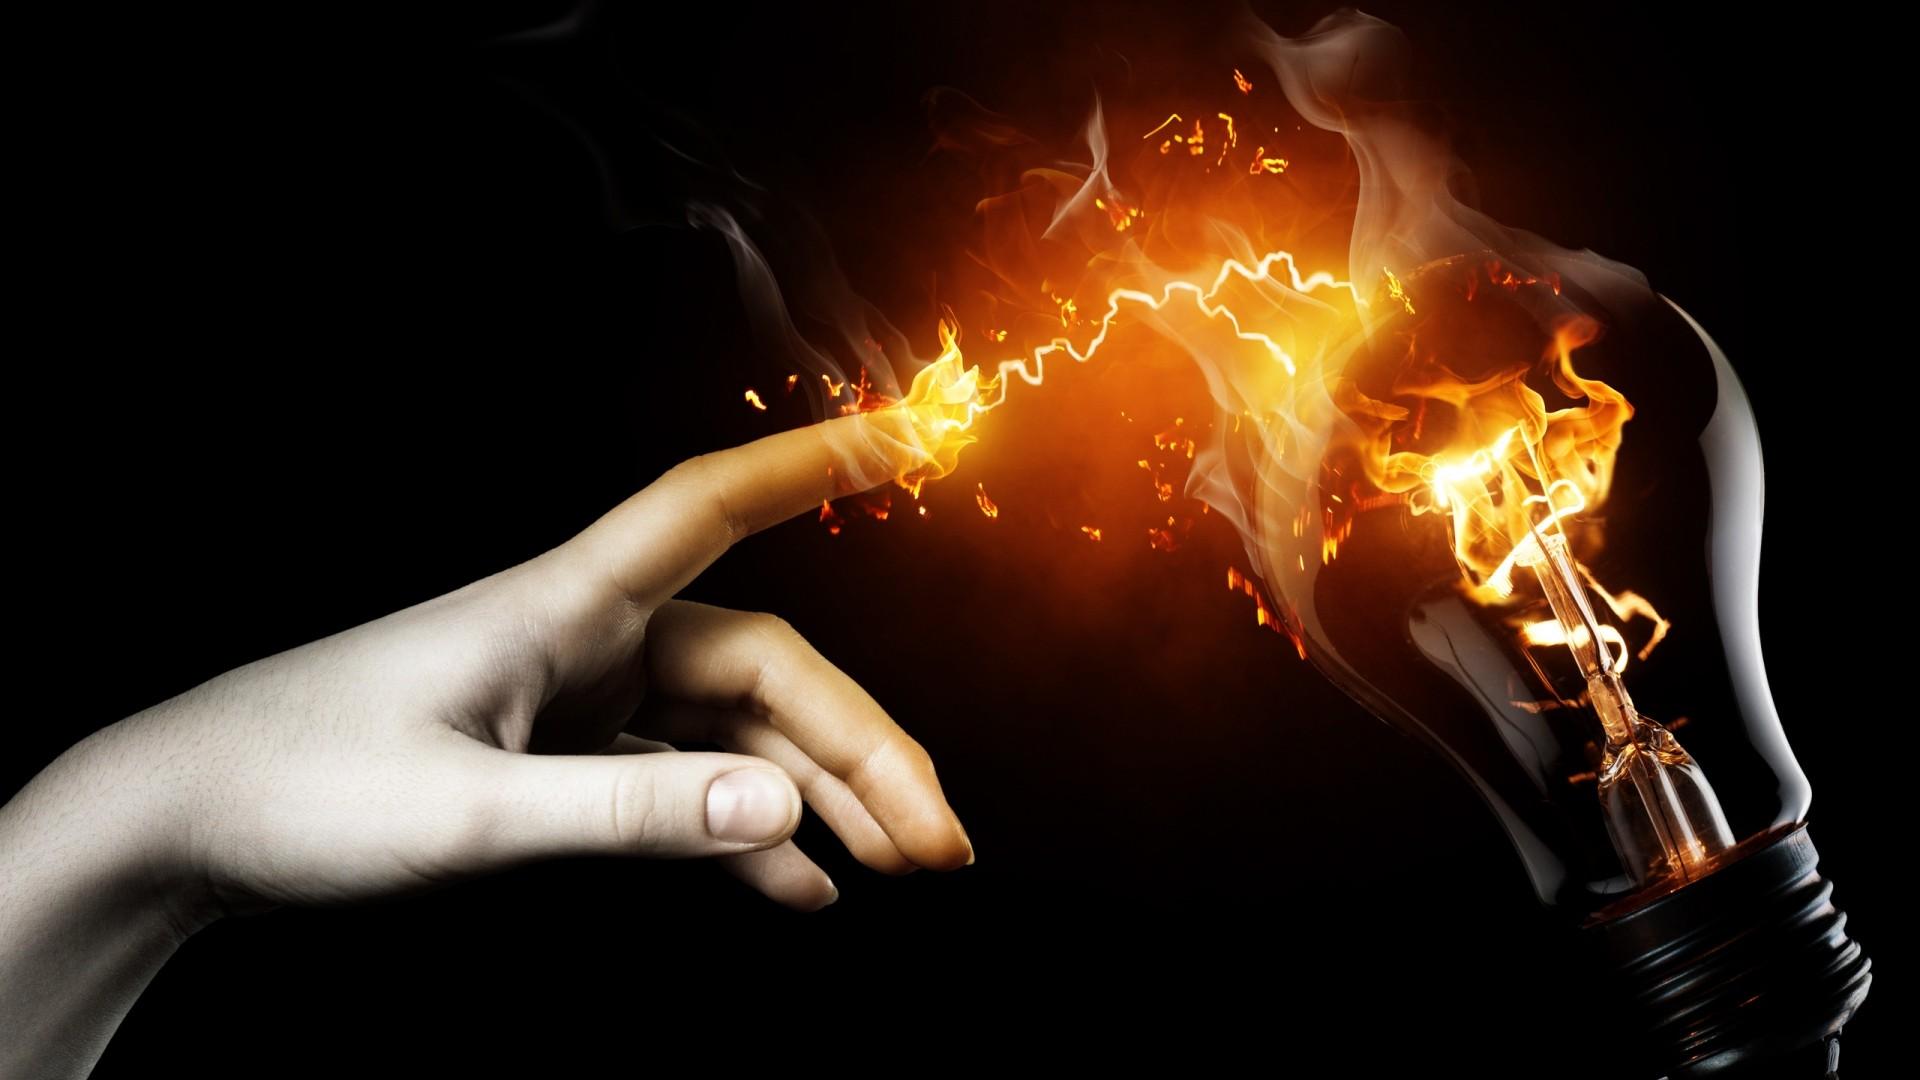 Магический огонь